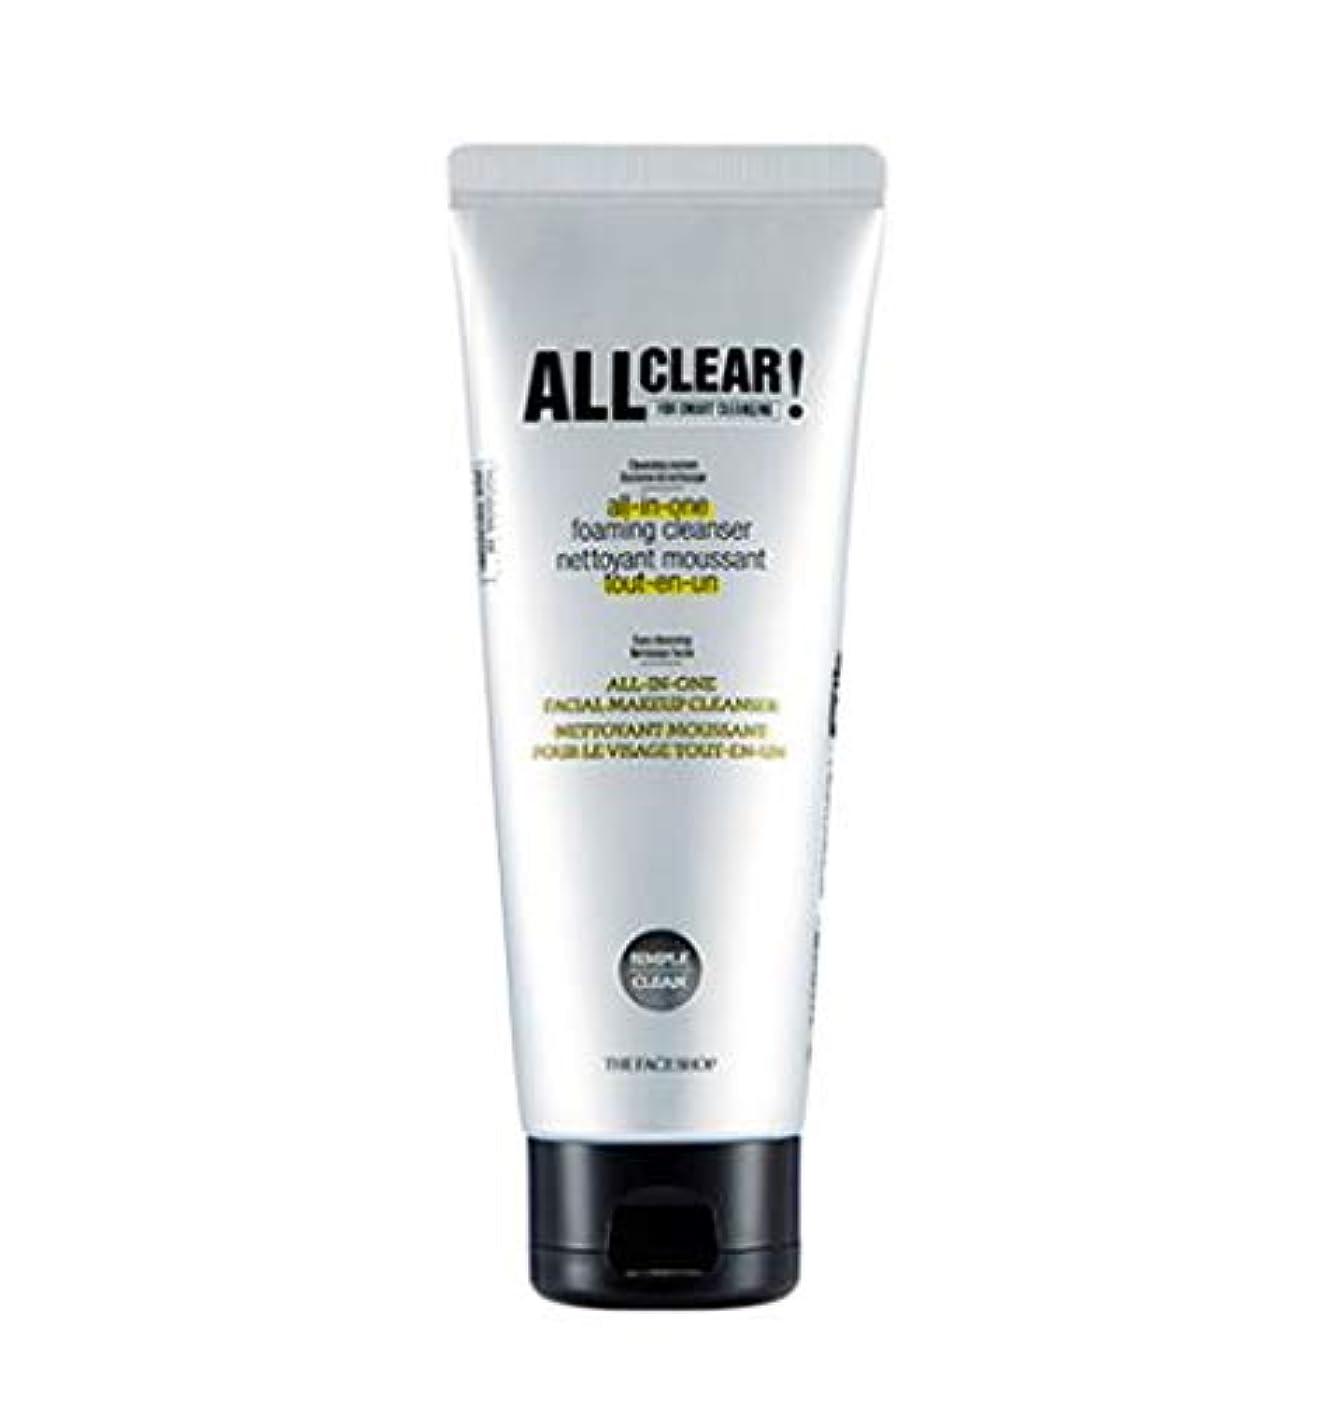 剥ぎ取る快適ステープル[ザ?フェイスショップ] THE FACE SHOP [オール クリア オールインワン クレンジング フォーム150ml / 洗顔料] All Clear All-in-one Cleansing Foam 150ml...